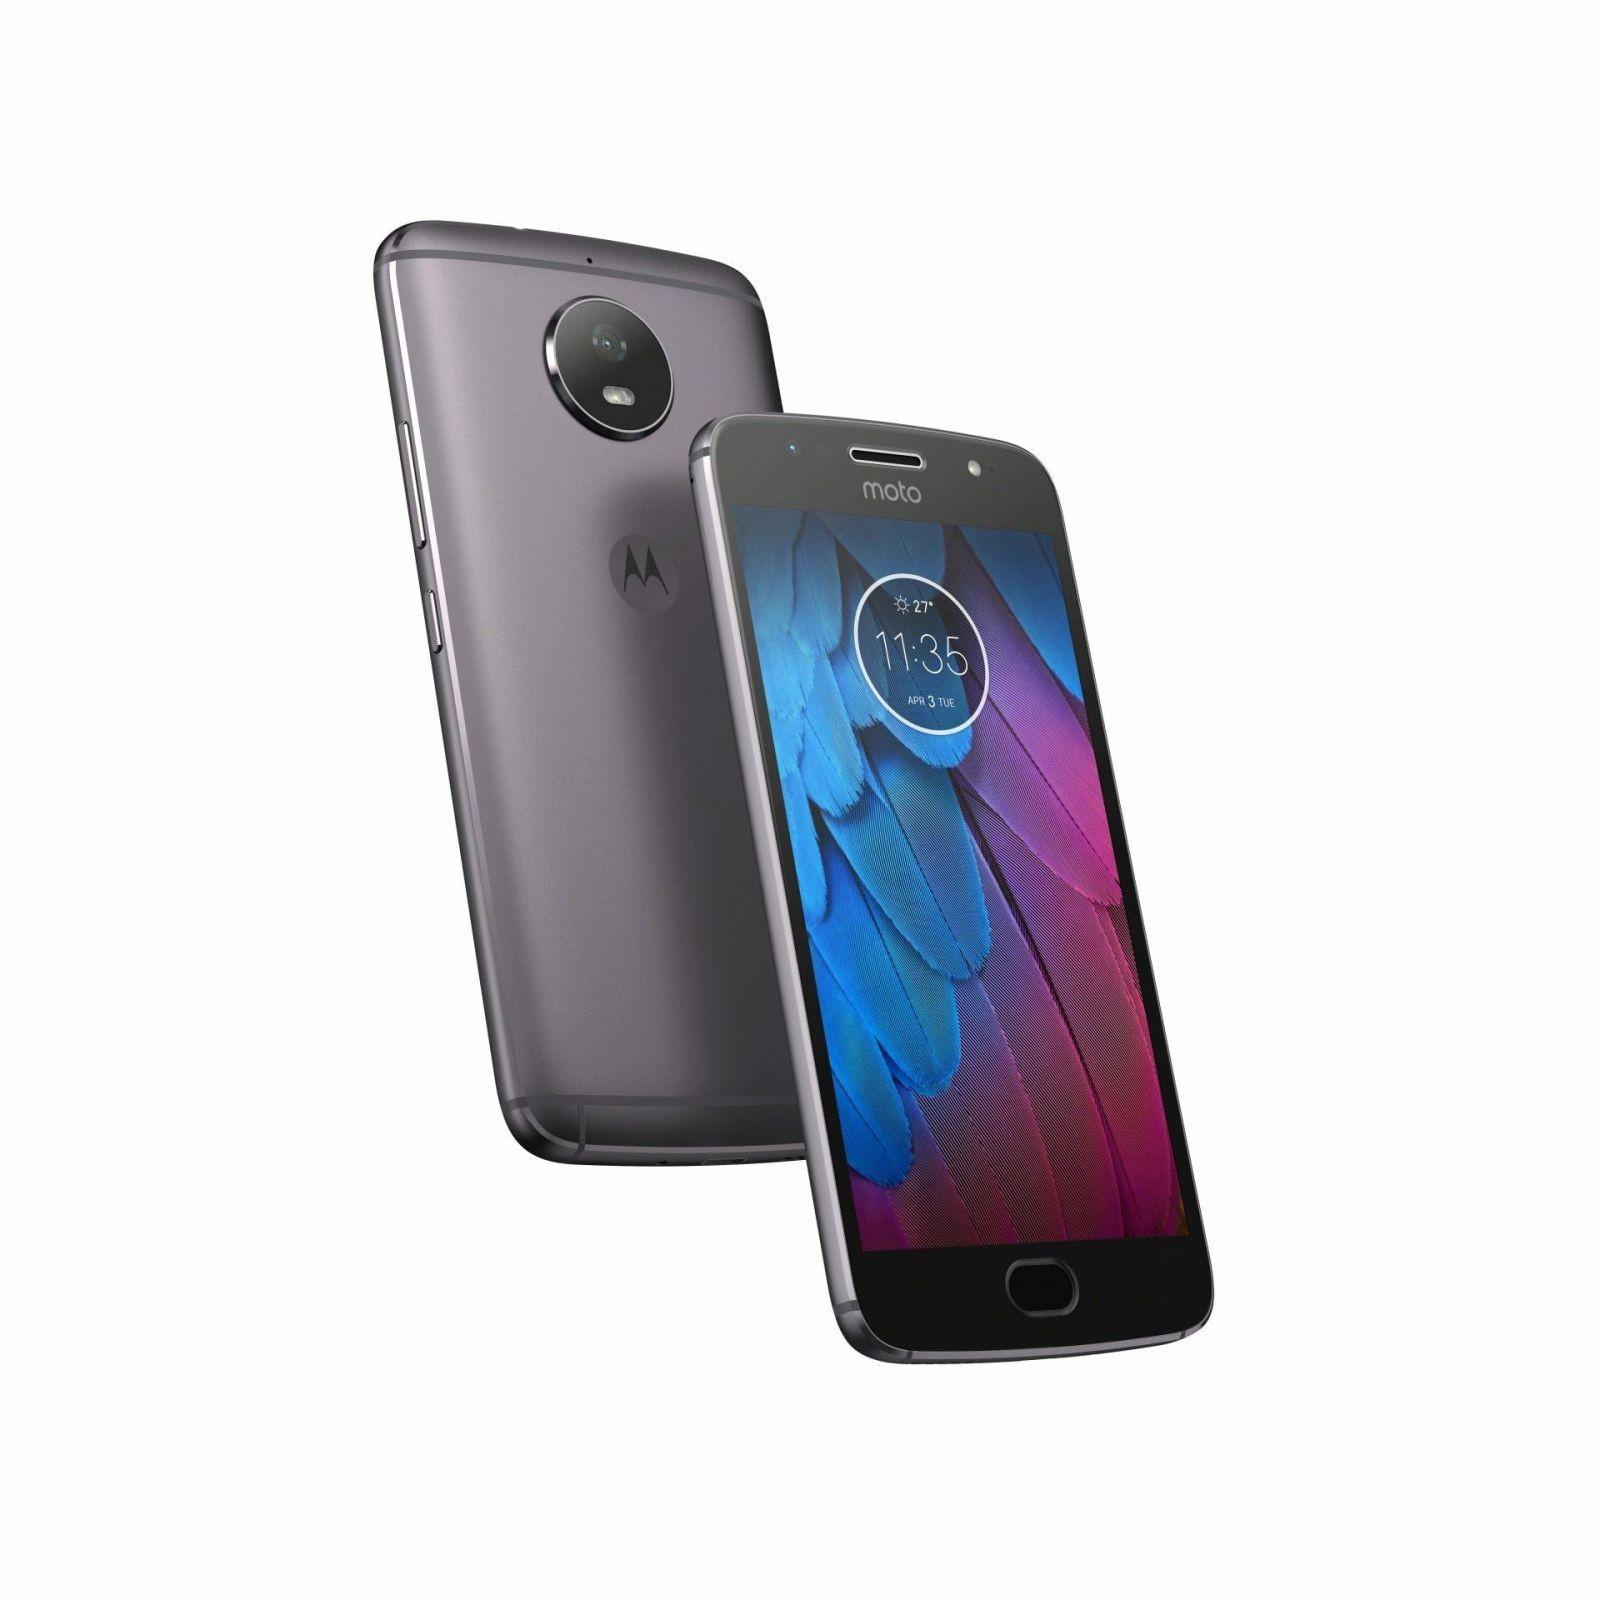 Motorola выпустила смартфоны Moto G5 Special Edition и Moto G5 Special Edition Plus (MotoG5S Hero LunarGray)